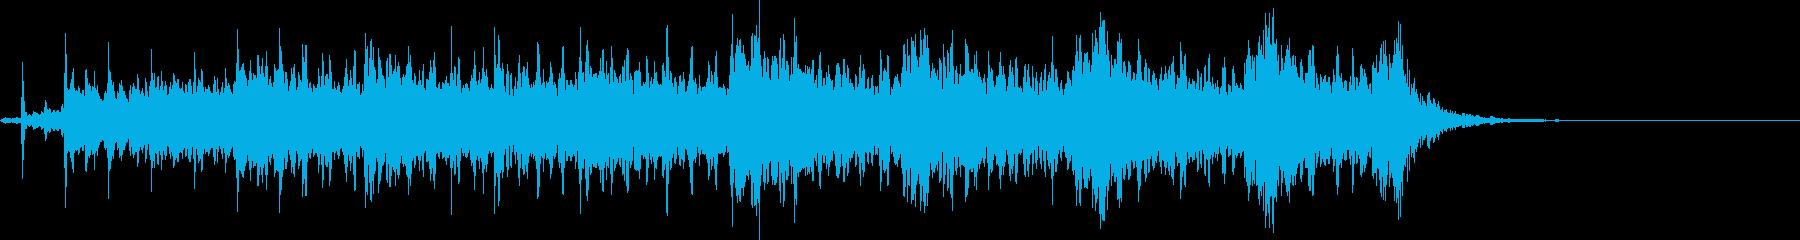 不穏なBGMの再生済みの波形